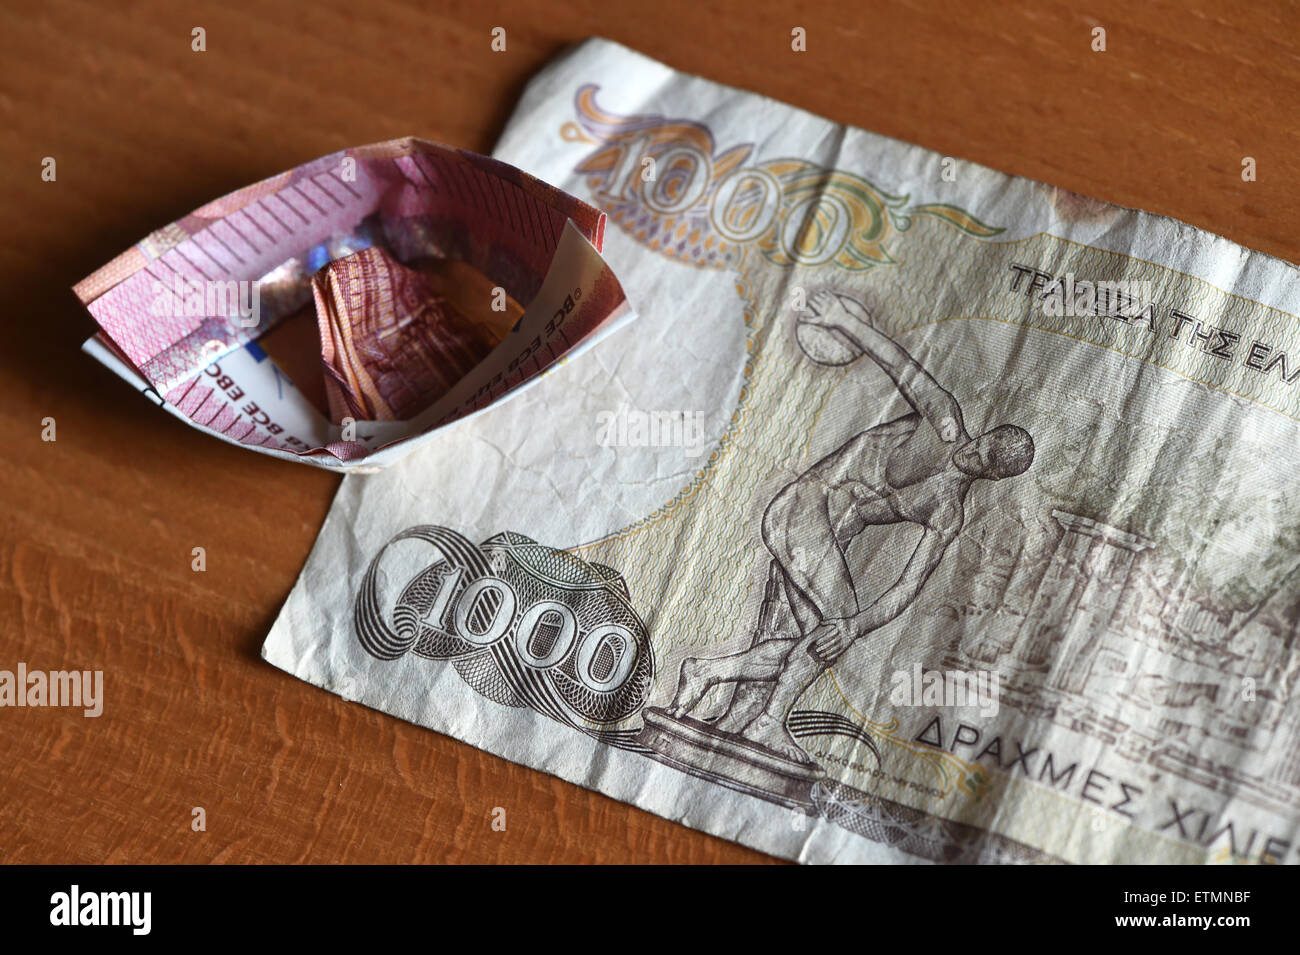 Berlín, Alemania. El 14 de junio de 2015. Ilustración - A 10 euros el proyecto de ley que ha sido doblada en un barco yace sobre un dracma griego 1000 Bill en Berlín, Alemania, el 14 de junio de 2015. Foto: Jens Kalaene/dpa/Alamy Live News Foto de stock